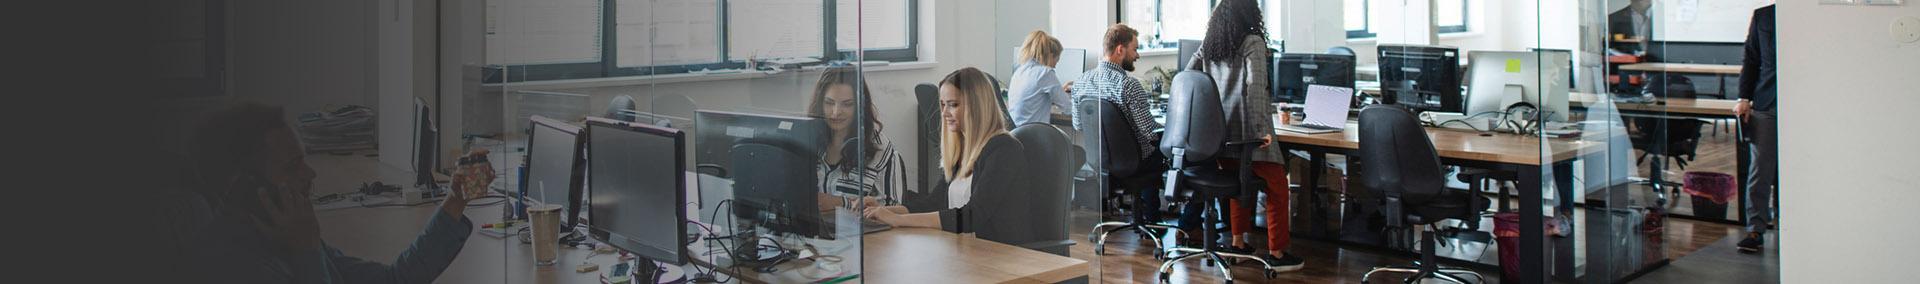 Pracownicy siedzący w biurze